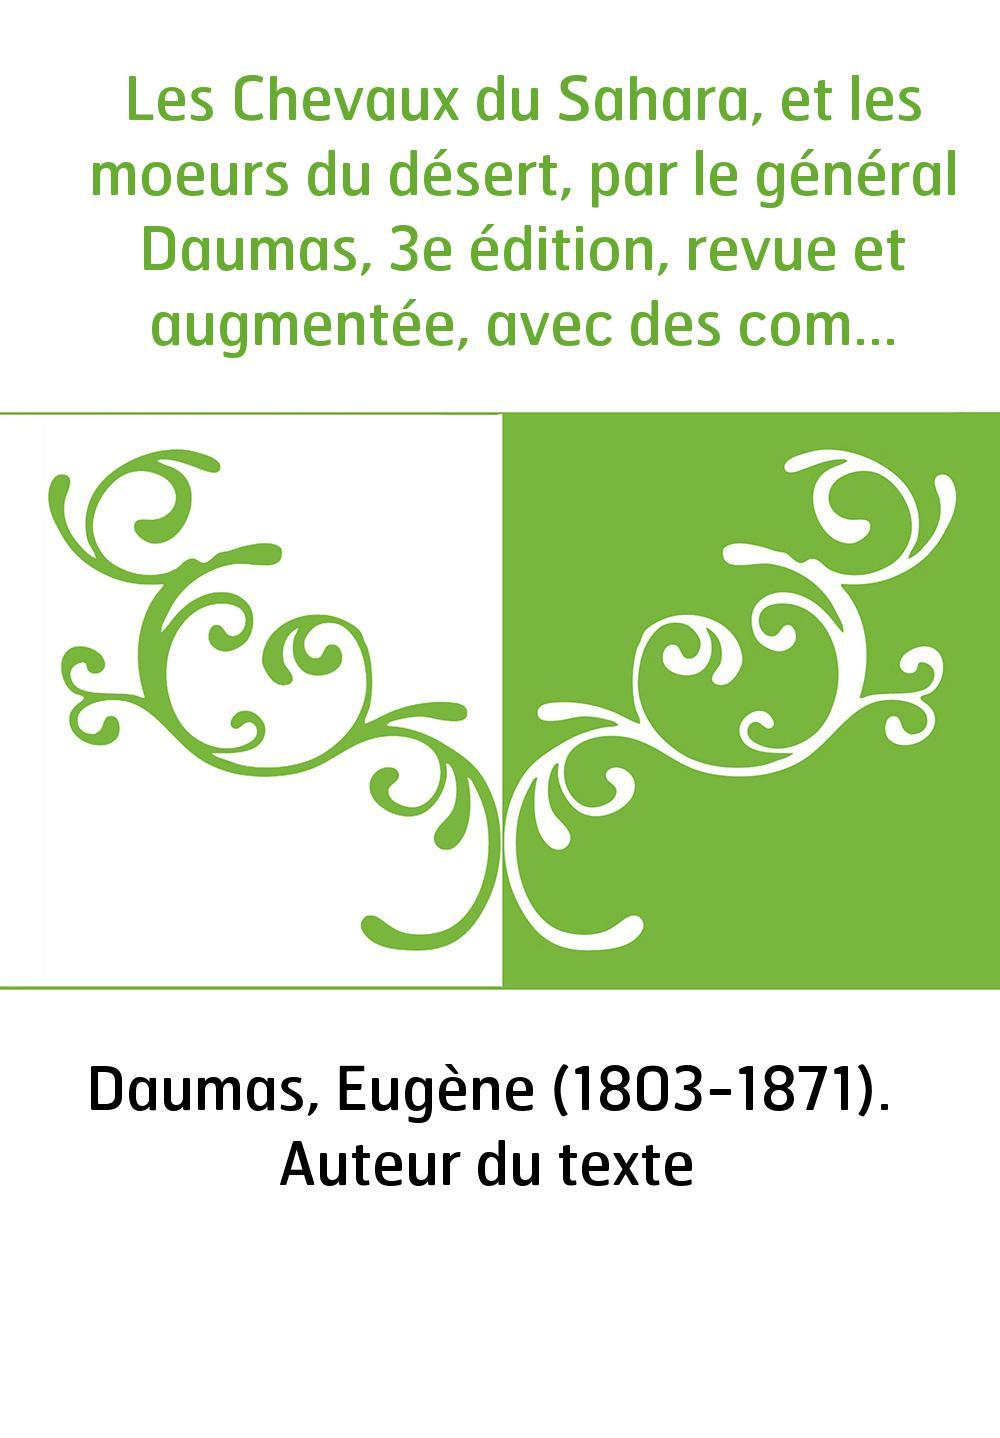 Les Chevaux du Sahara, et les moeurs du désert, par le général Daumas, 3e édition, revue et augmentée, avec des commentaires, pa